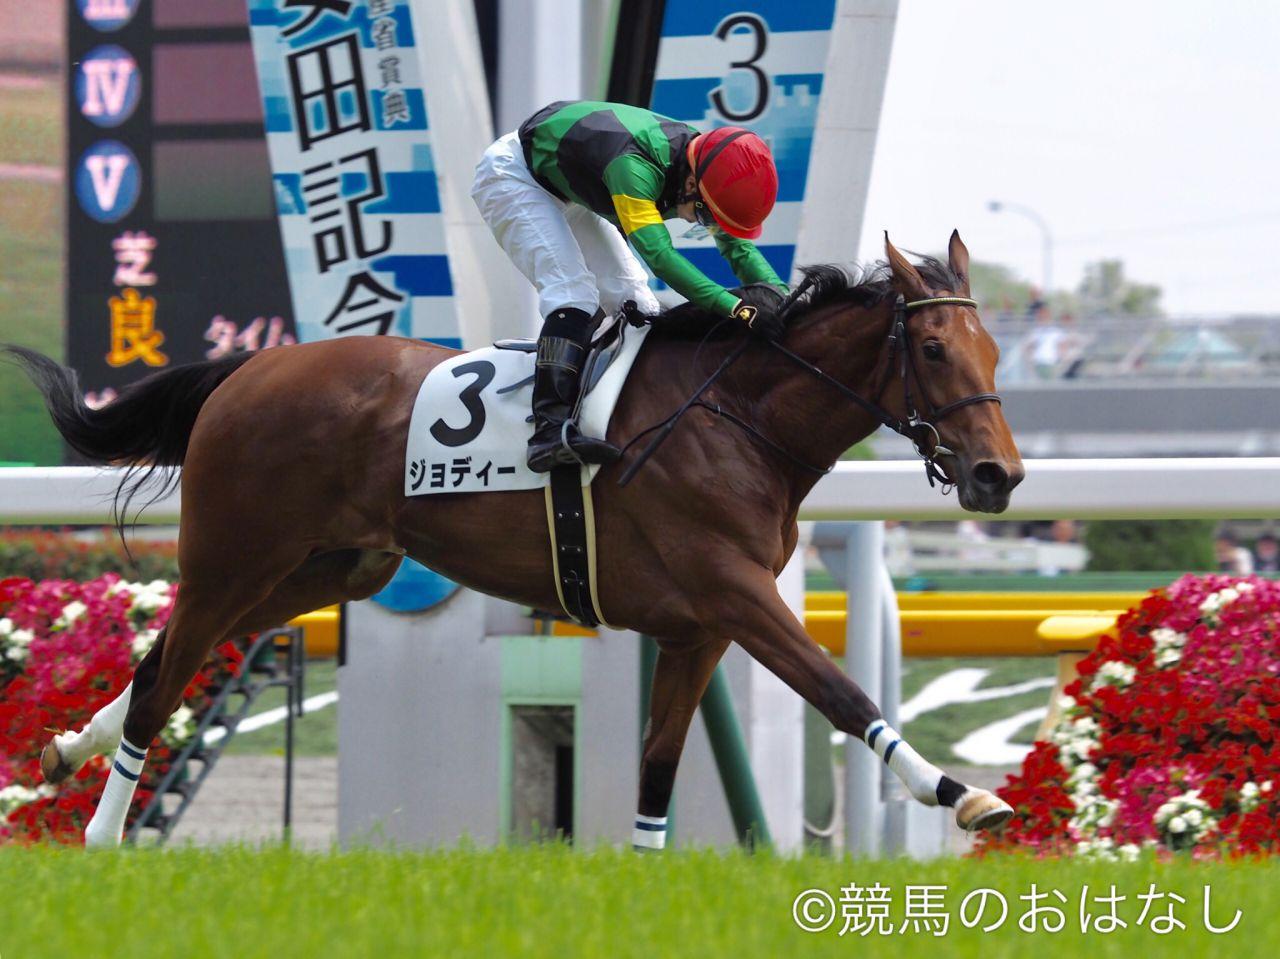 松岡正海騎手が騎乗停止 阪神JFのウインゼノビアは騎乗不可